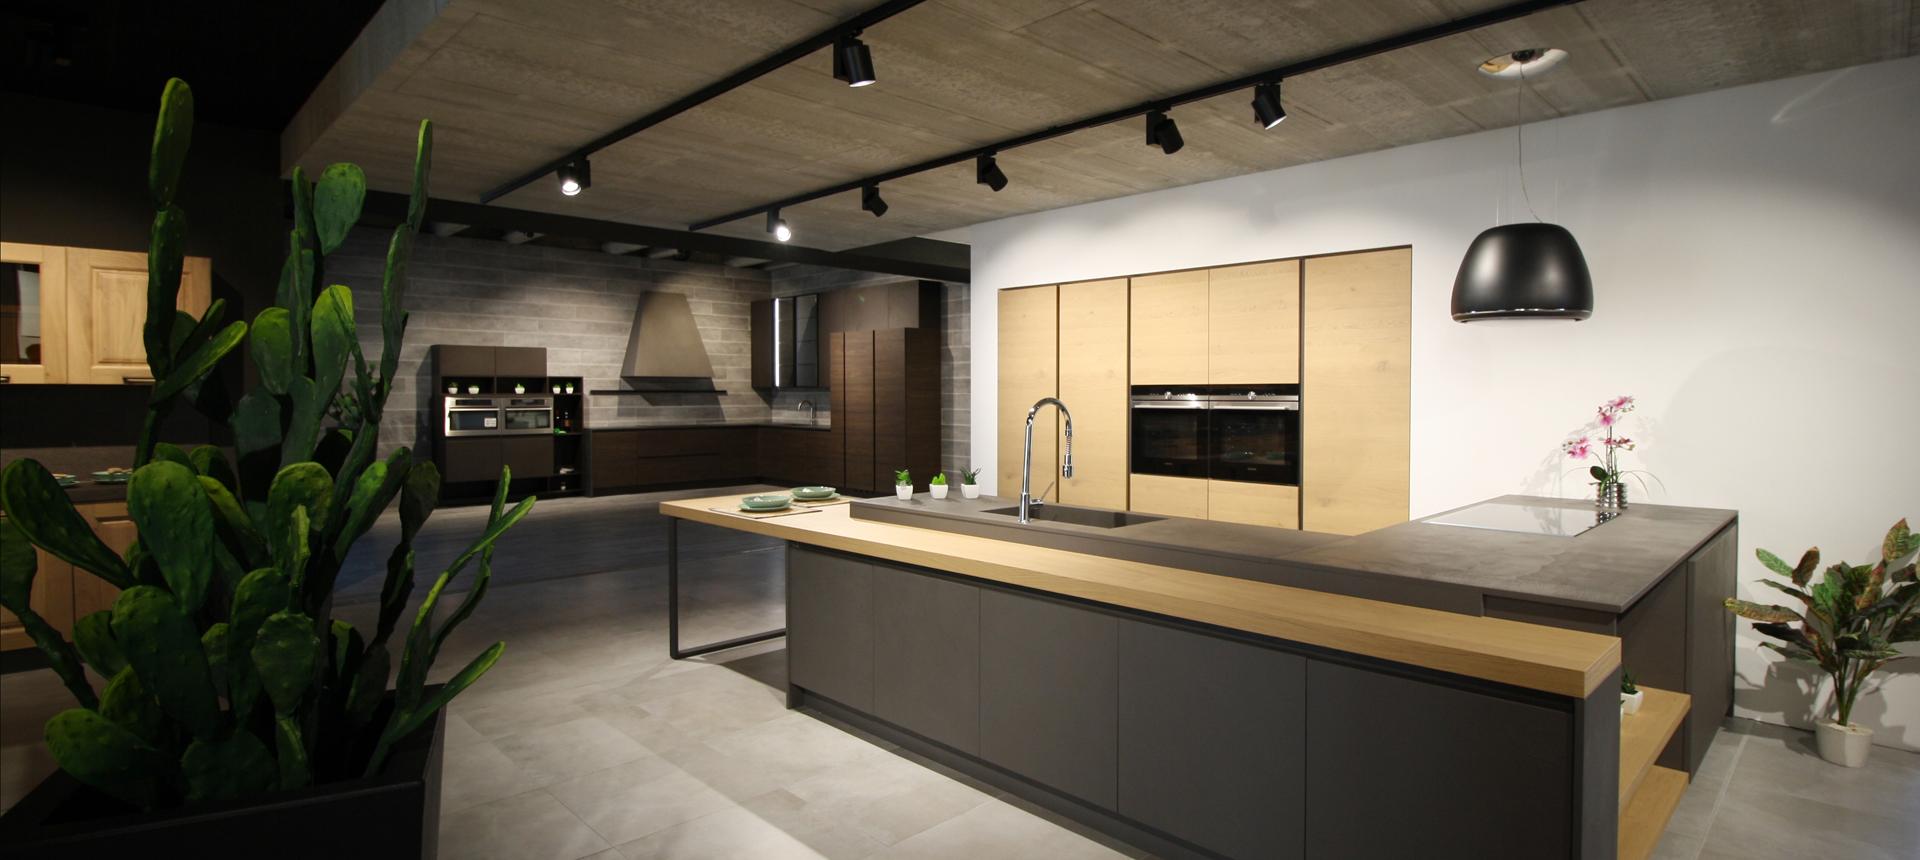 Progettazione interni interior retail design - Cucine d arredo ...